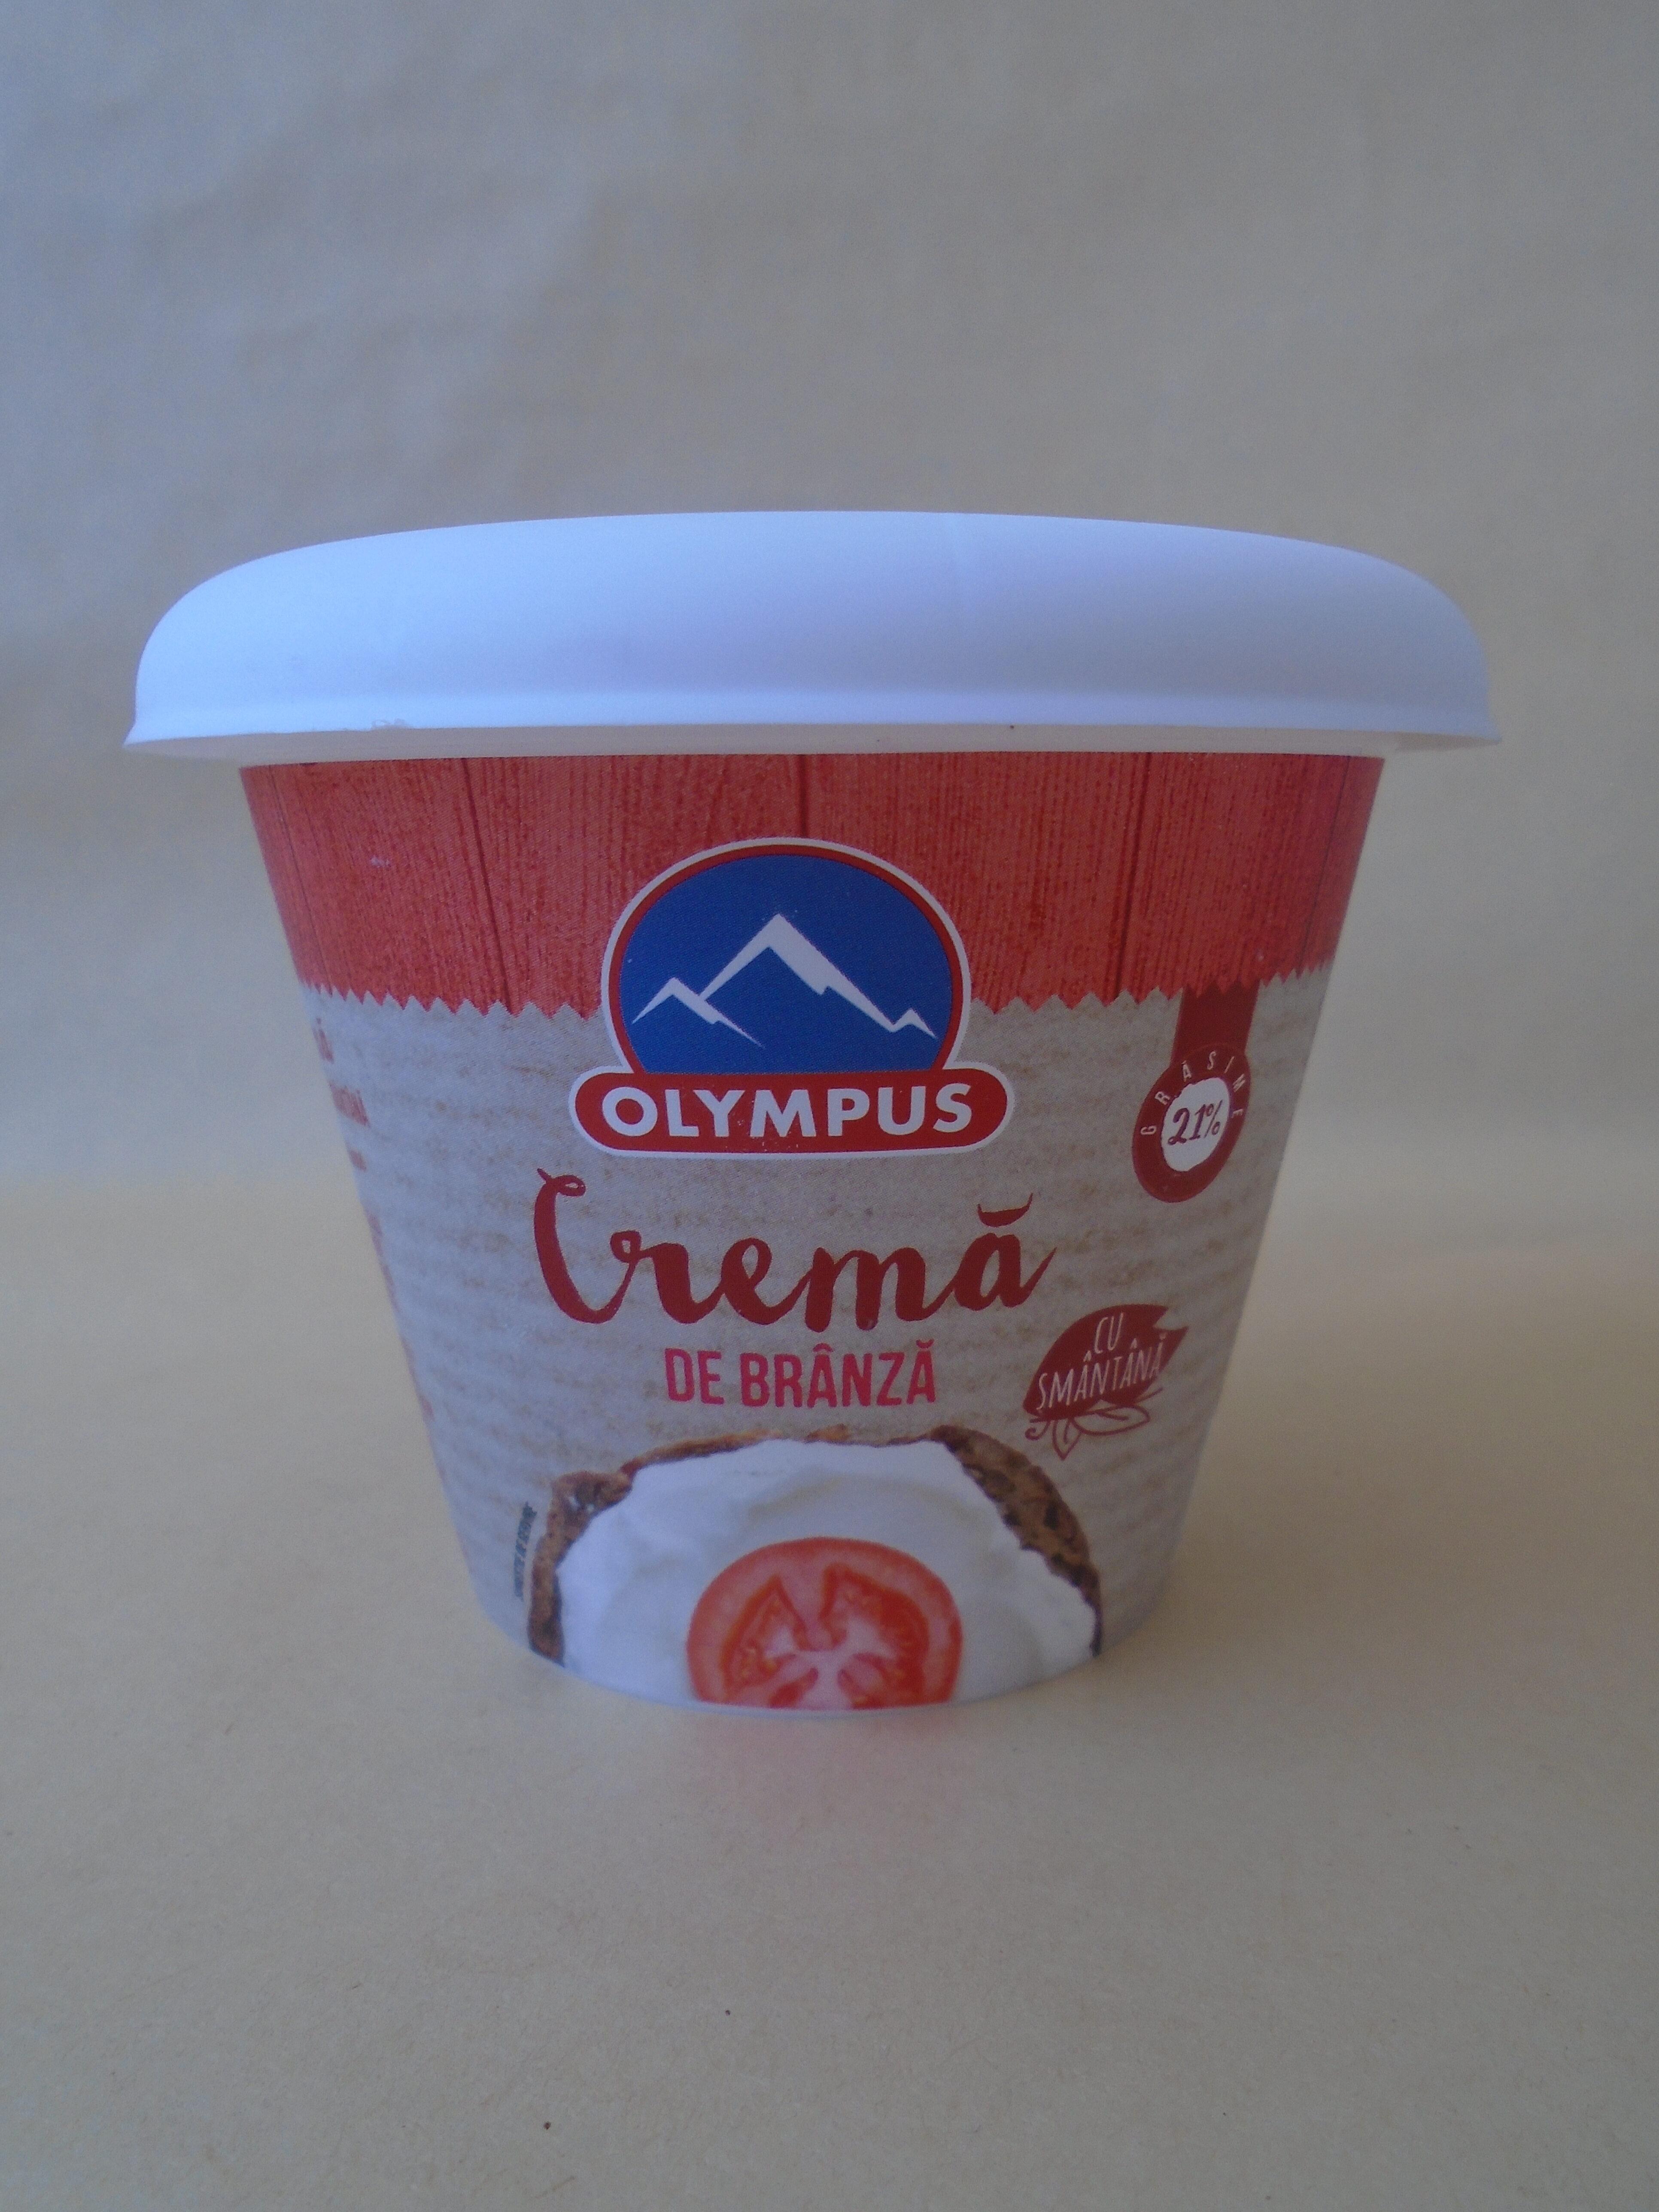 Olympus Cremă de brânză cu smântână - Product - ro